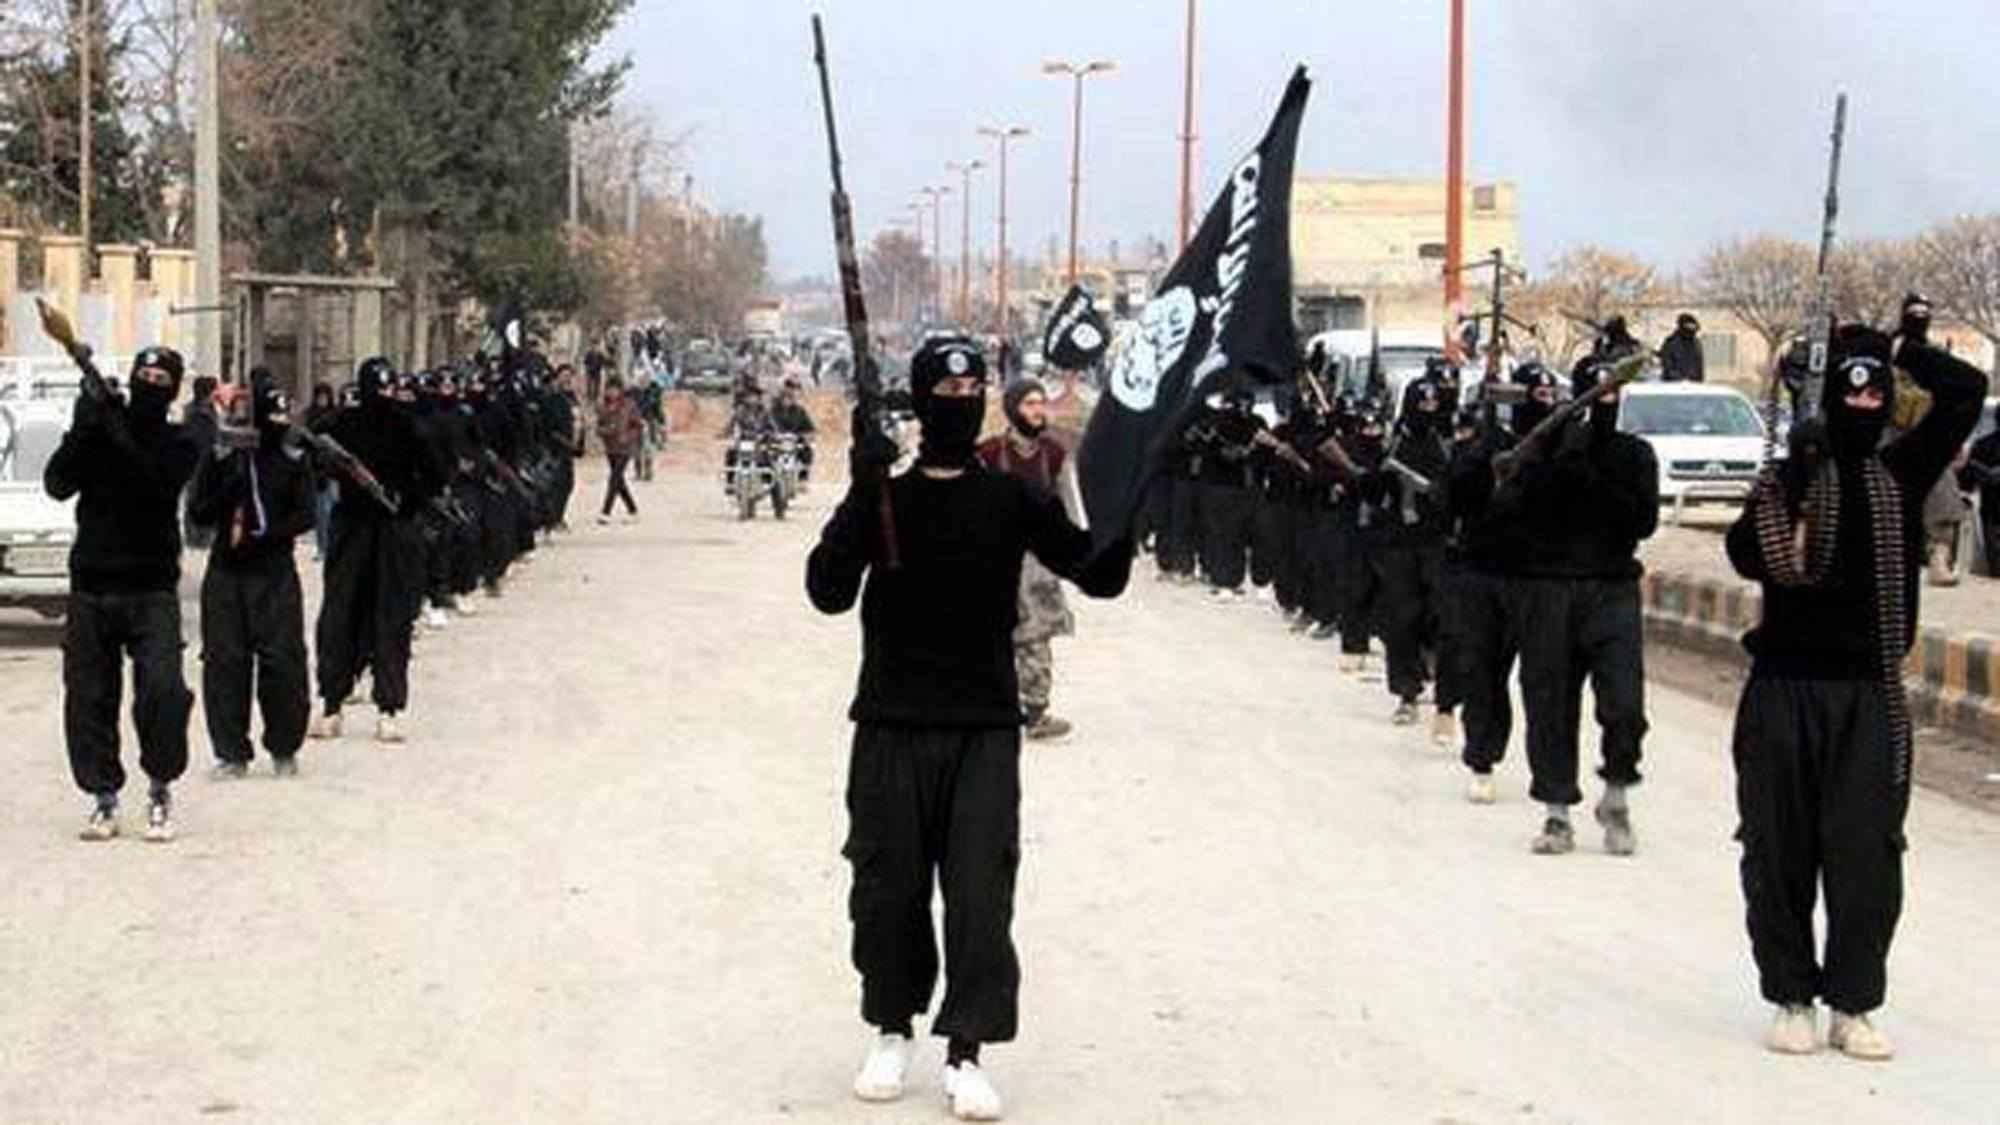 تعرف على أكبر خطر يهدد داعش في سوريا والعراق 2 22/12/2015 - 8:43 ص